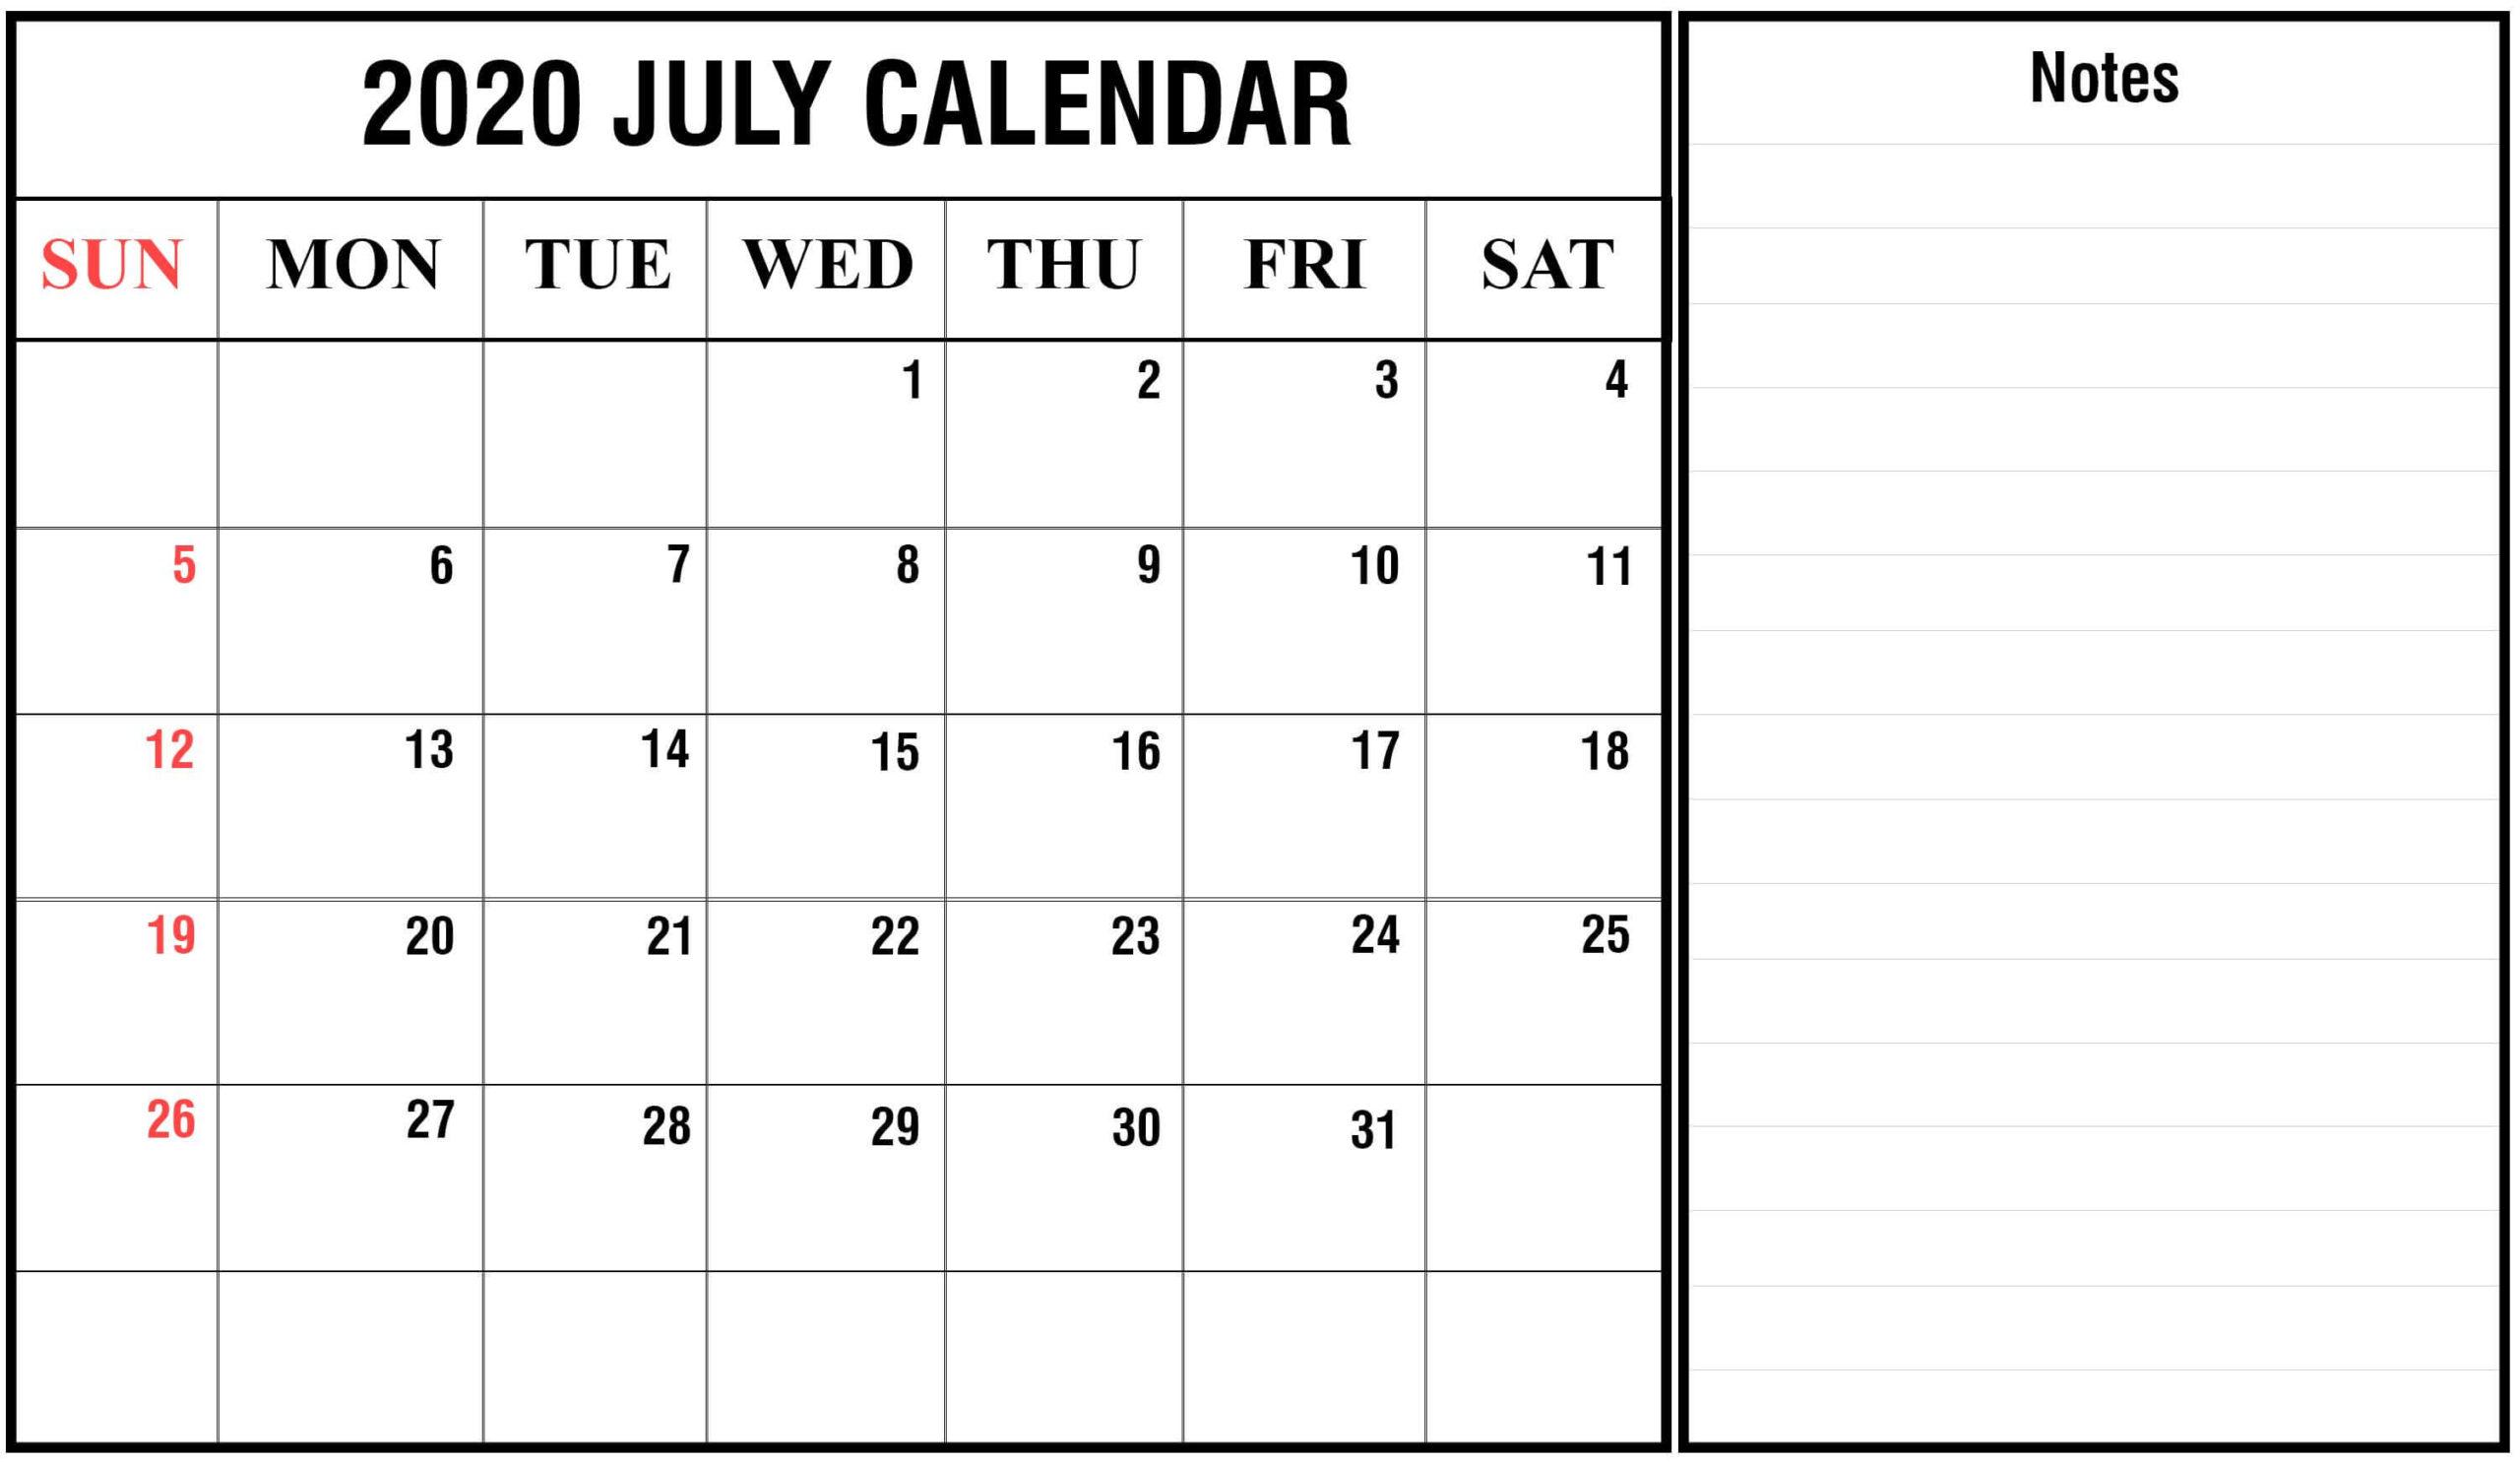 2020 July Template Calendar